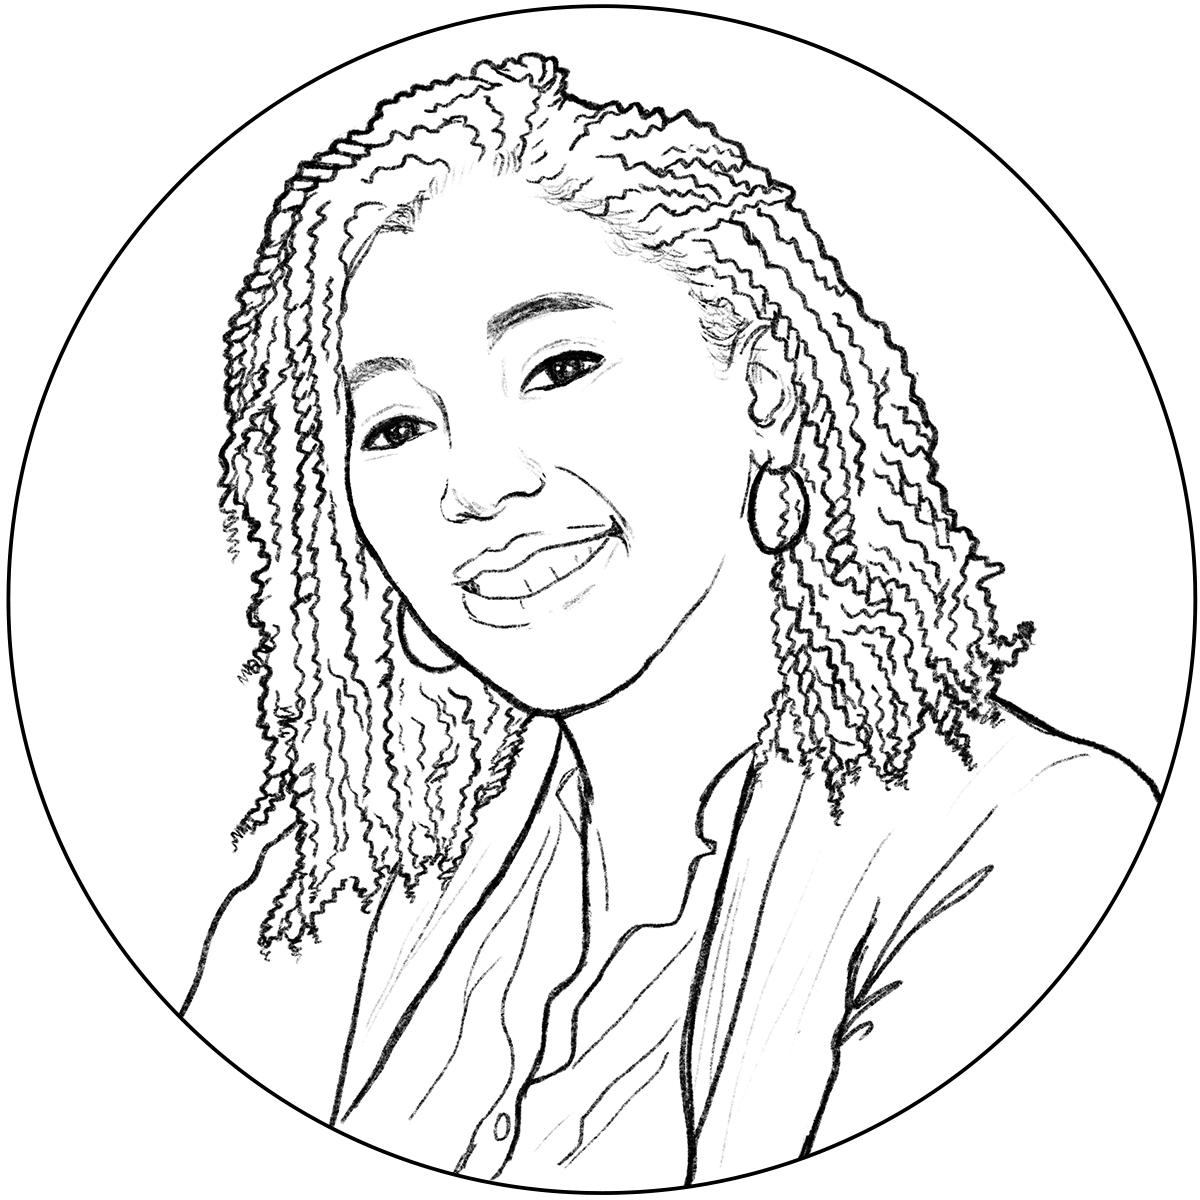 Black line sketch of Annette